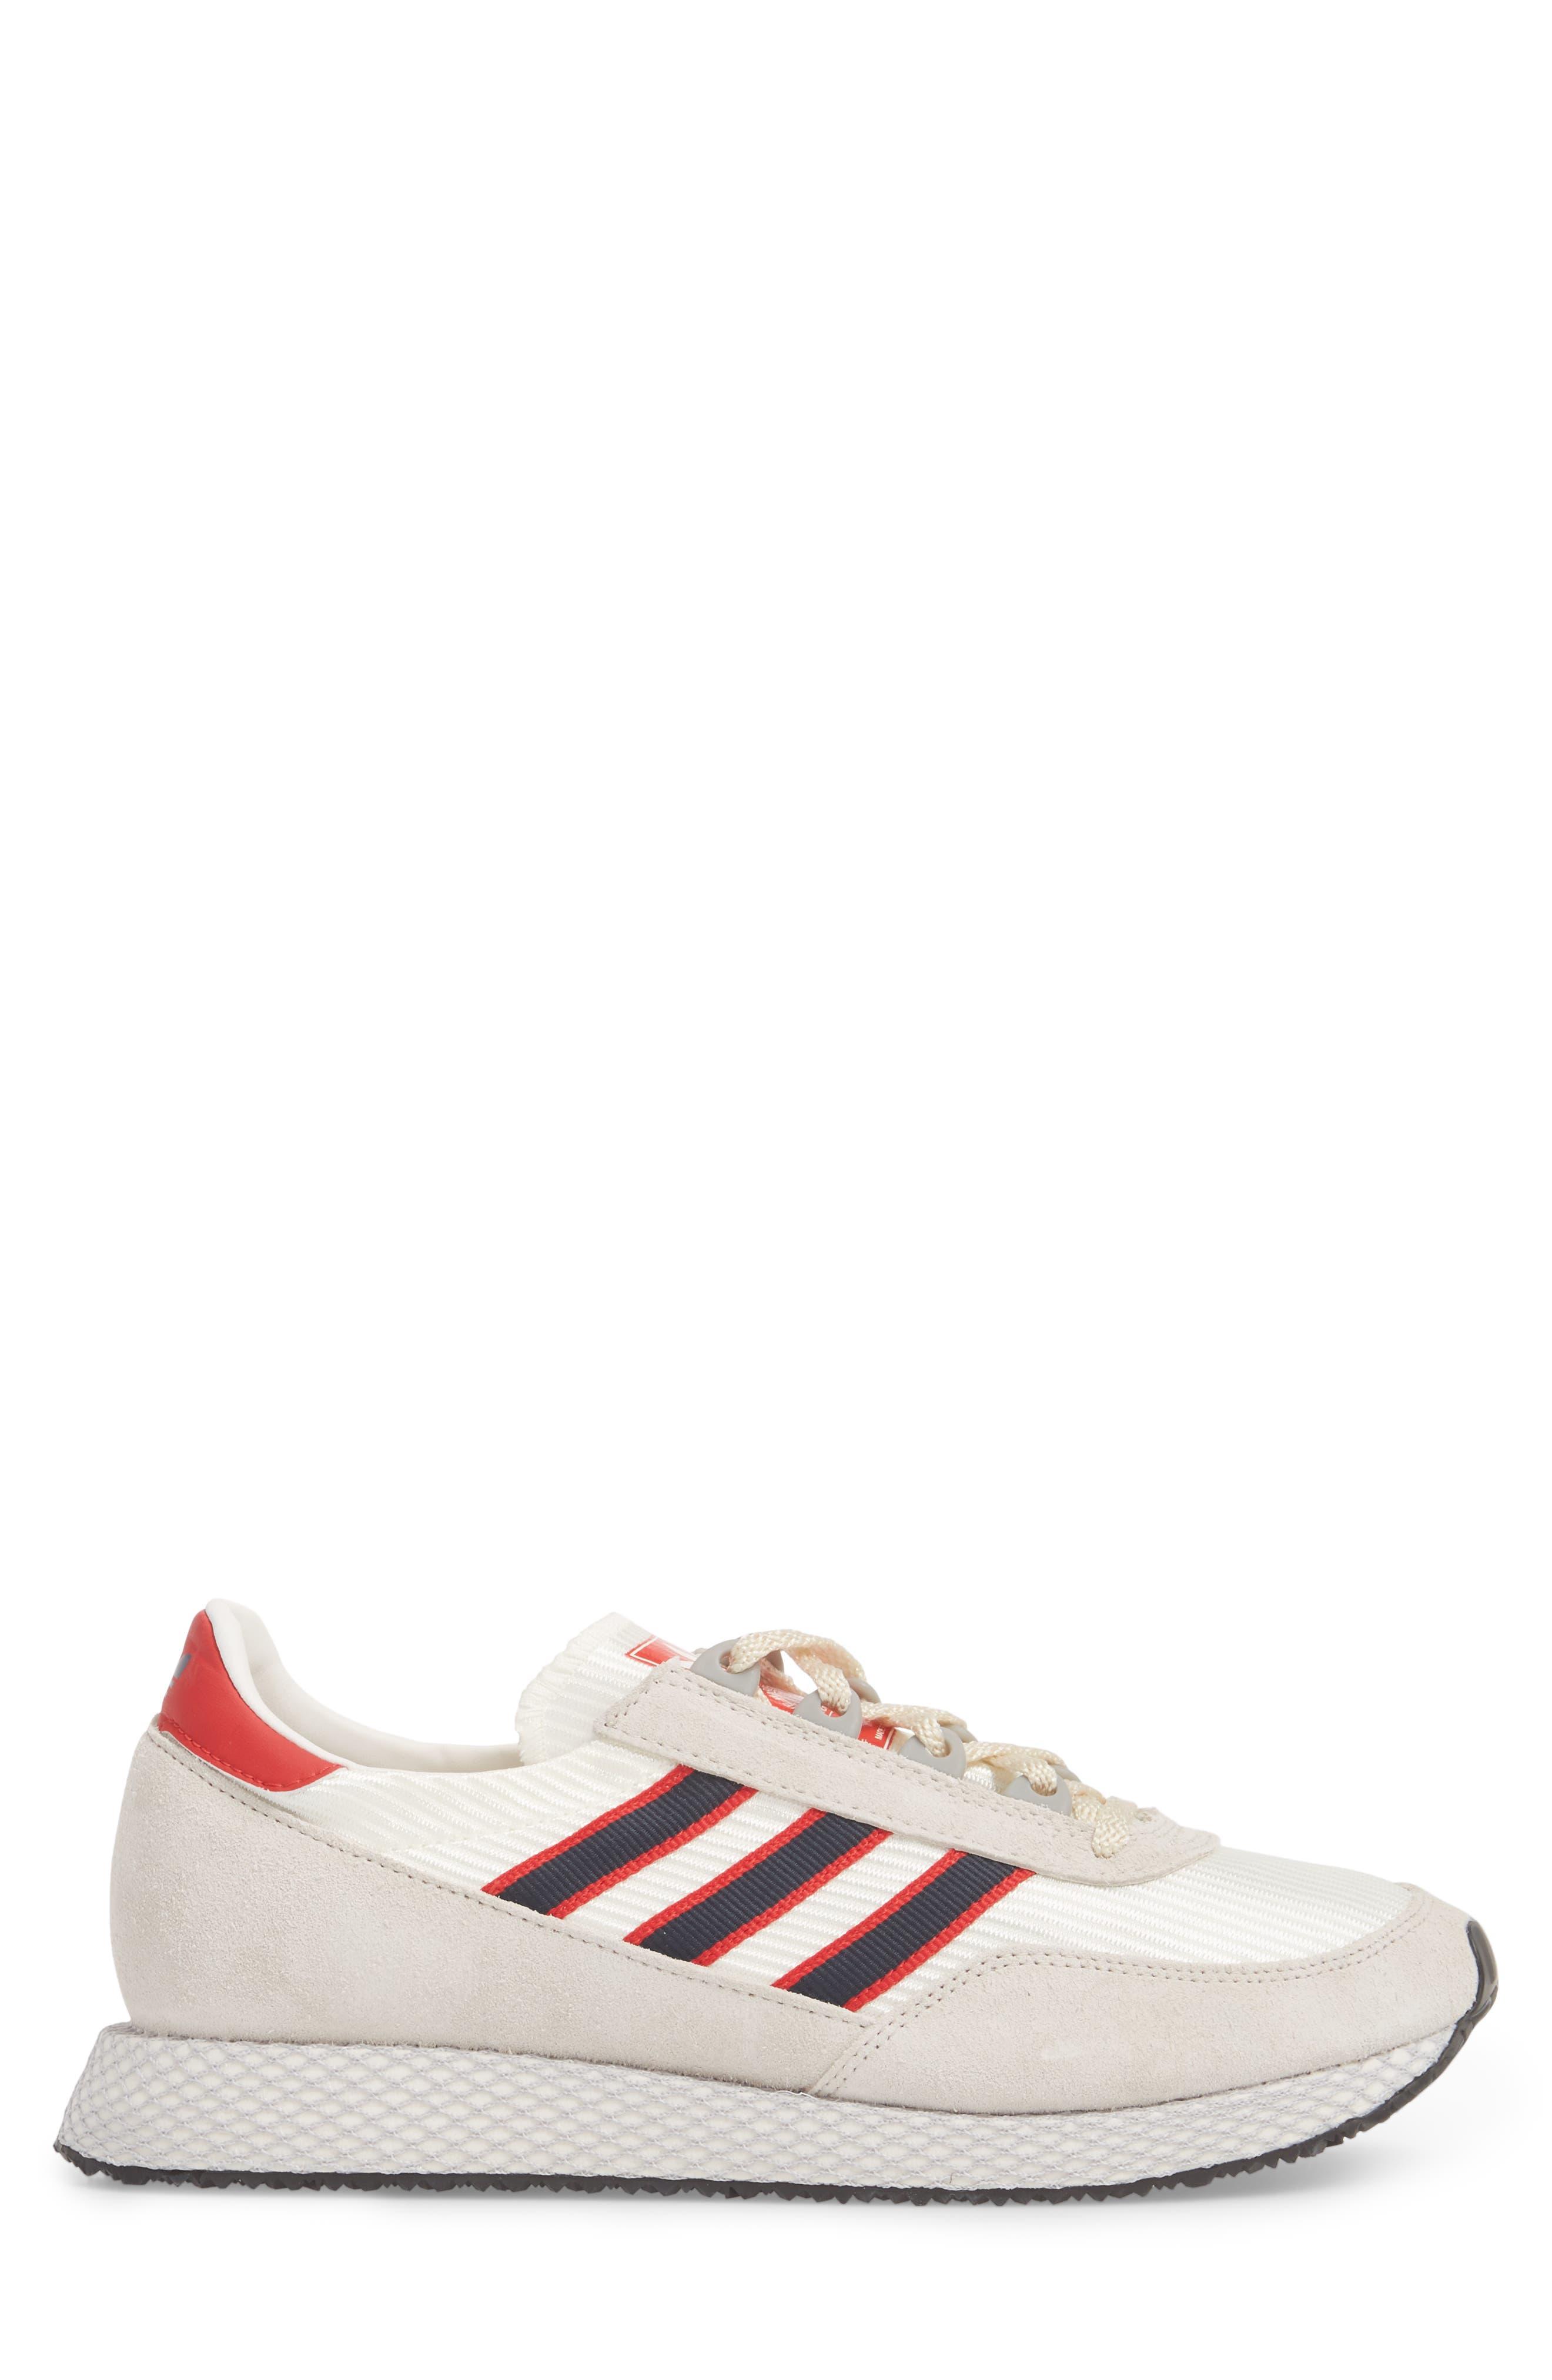 Glenbuck SPZL Sneaker,                             Alternate thumbnail 3, color,                             250